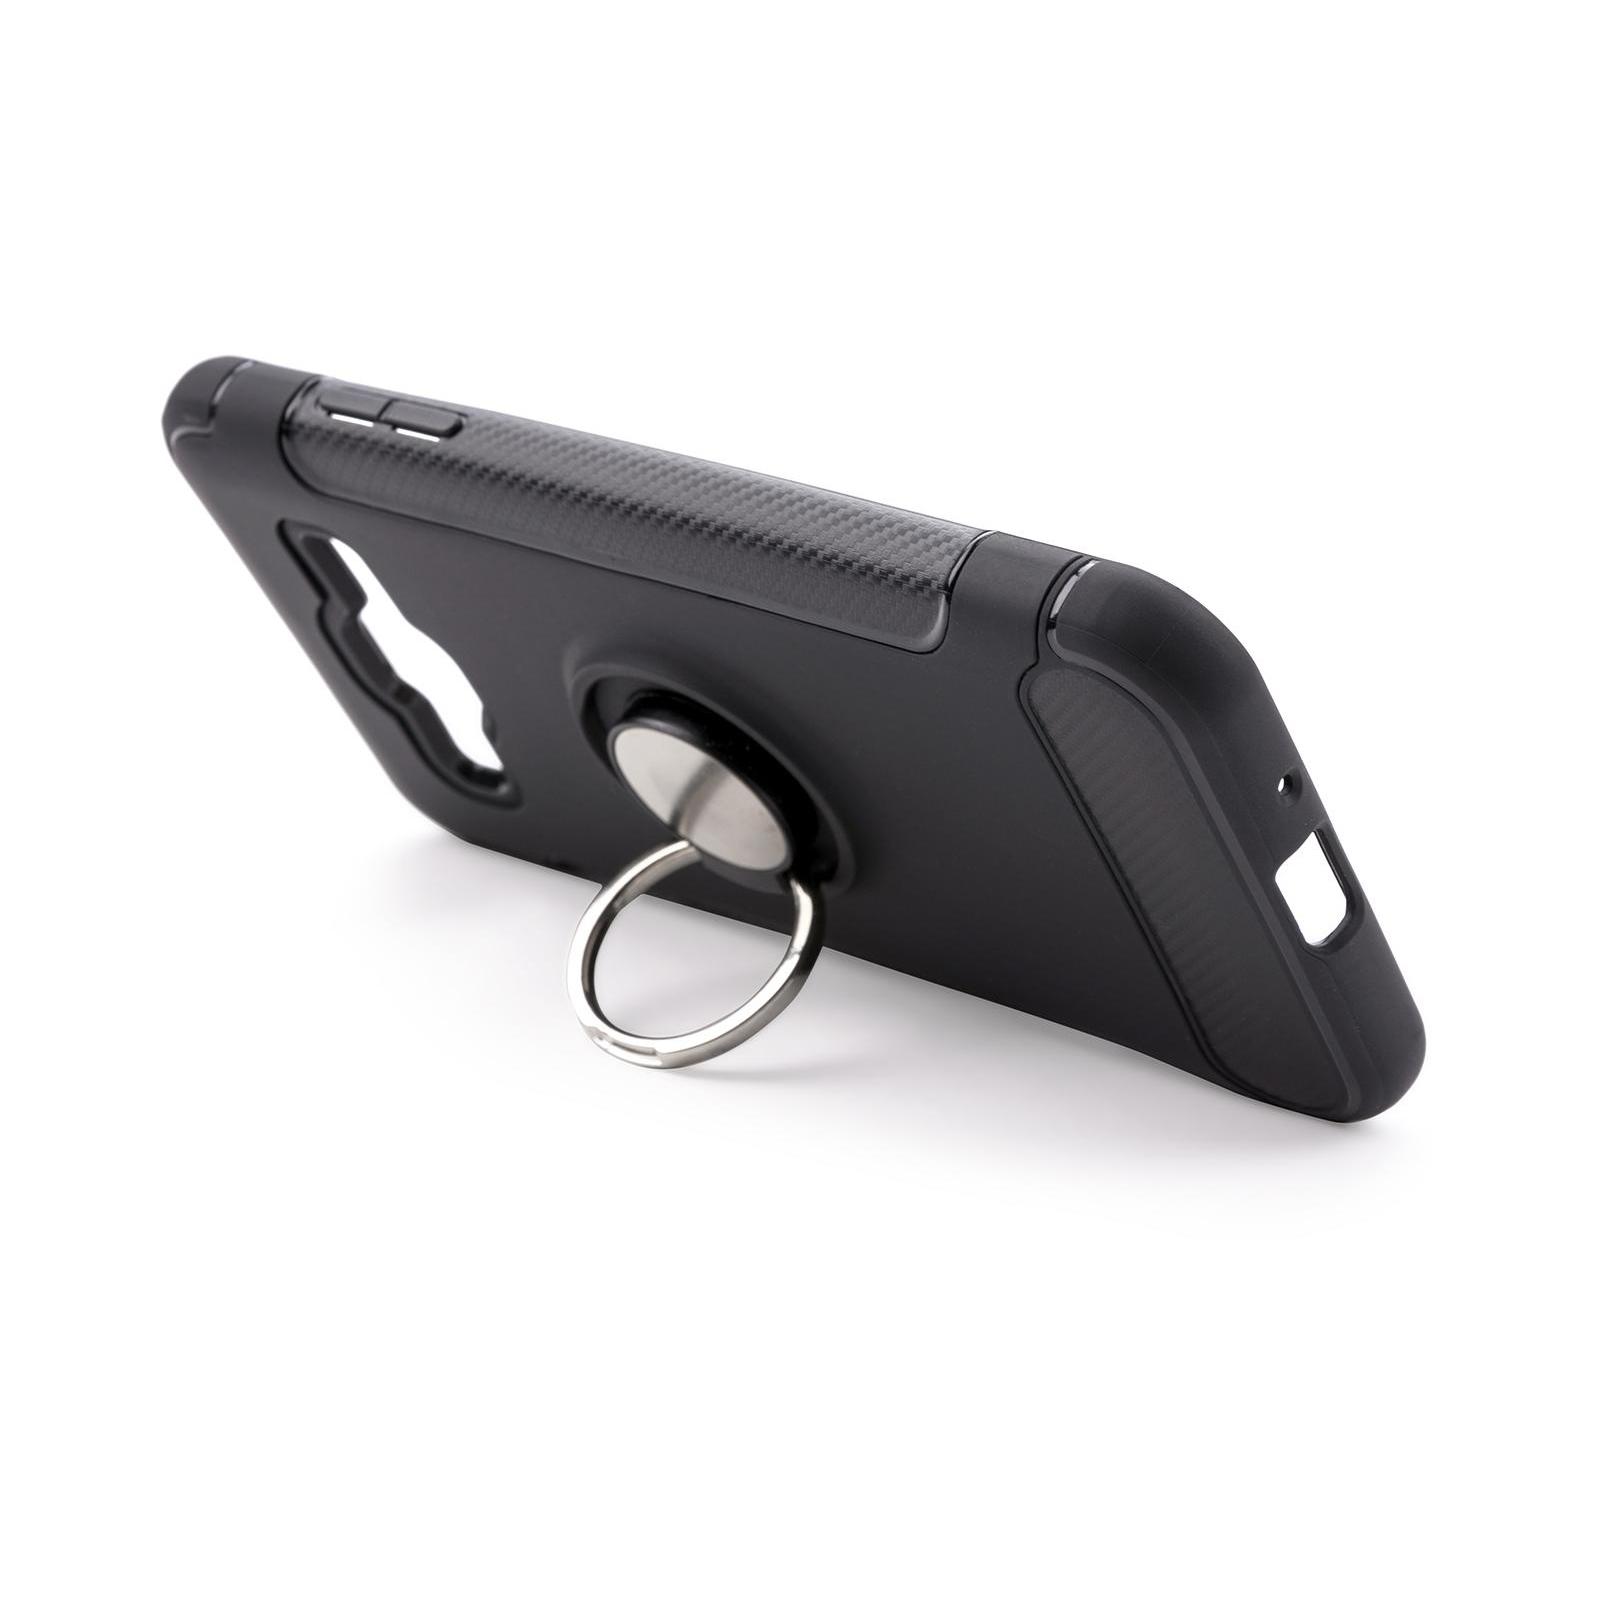 Чехол для моб. телефона Laudtec для Samsung J3 2016/J320 Ring stand (black) (LR-J320-BC) изображение 4